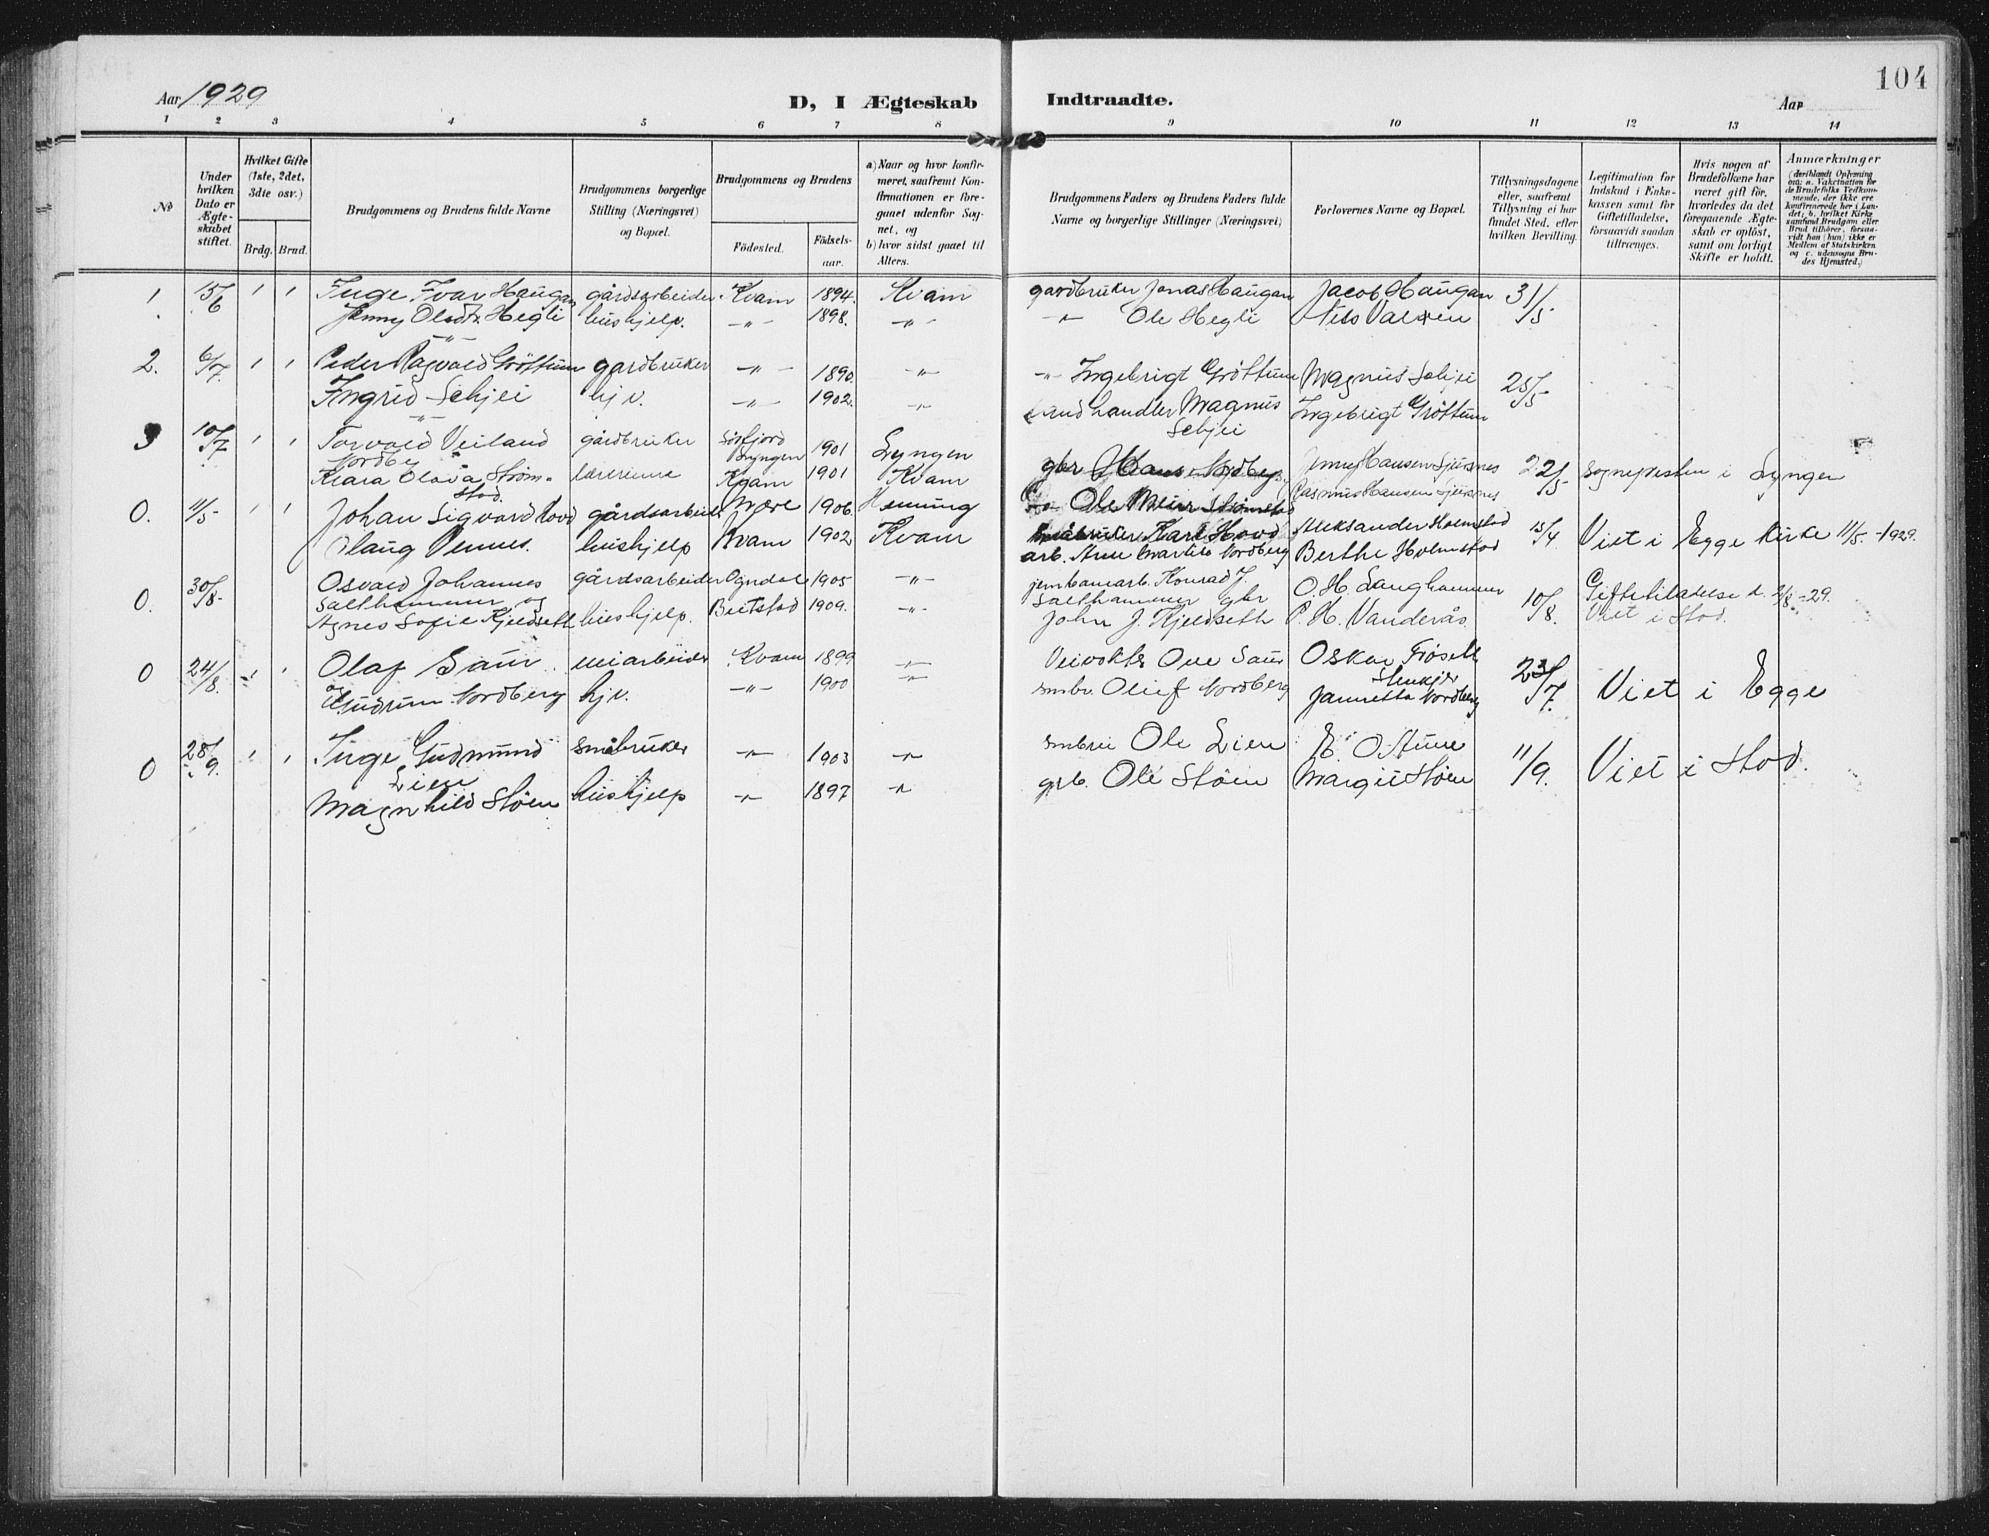 SAT, Ministerialprotokoller, klokkerbøker og fødselsregistre - Nord-Trøndelag, 747/L0460: Klokkerbok nr. 747C02, 1908-1939, s. 104